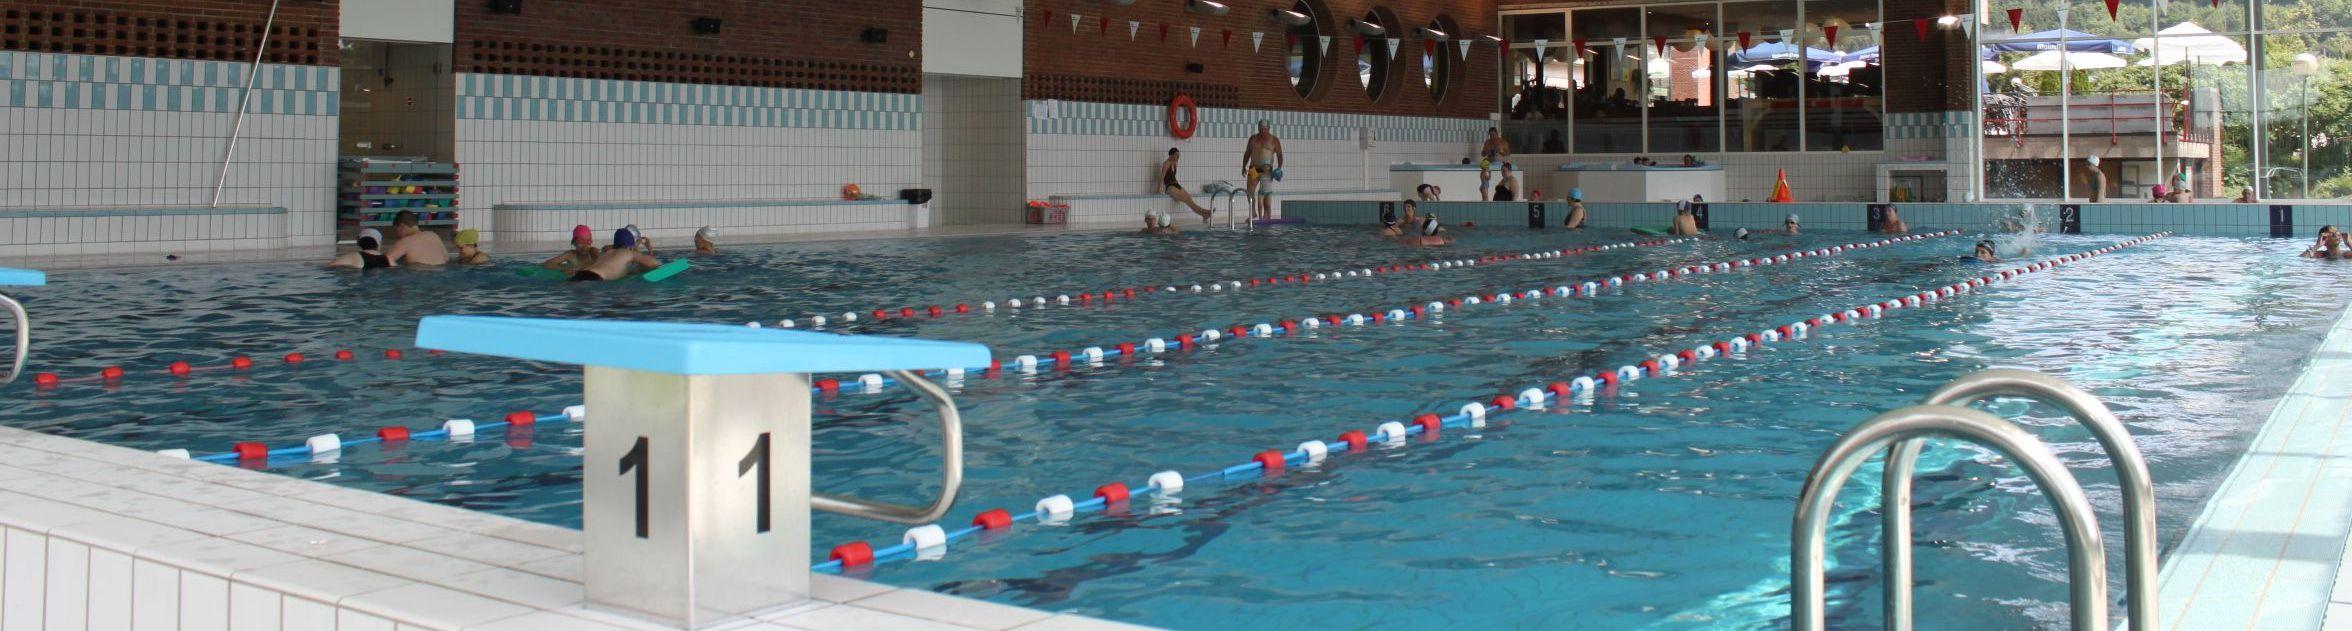 Piscine communale horaires et tarifs sport agenda for Horaires piscine saint lo